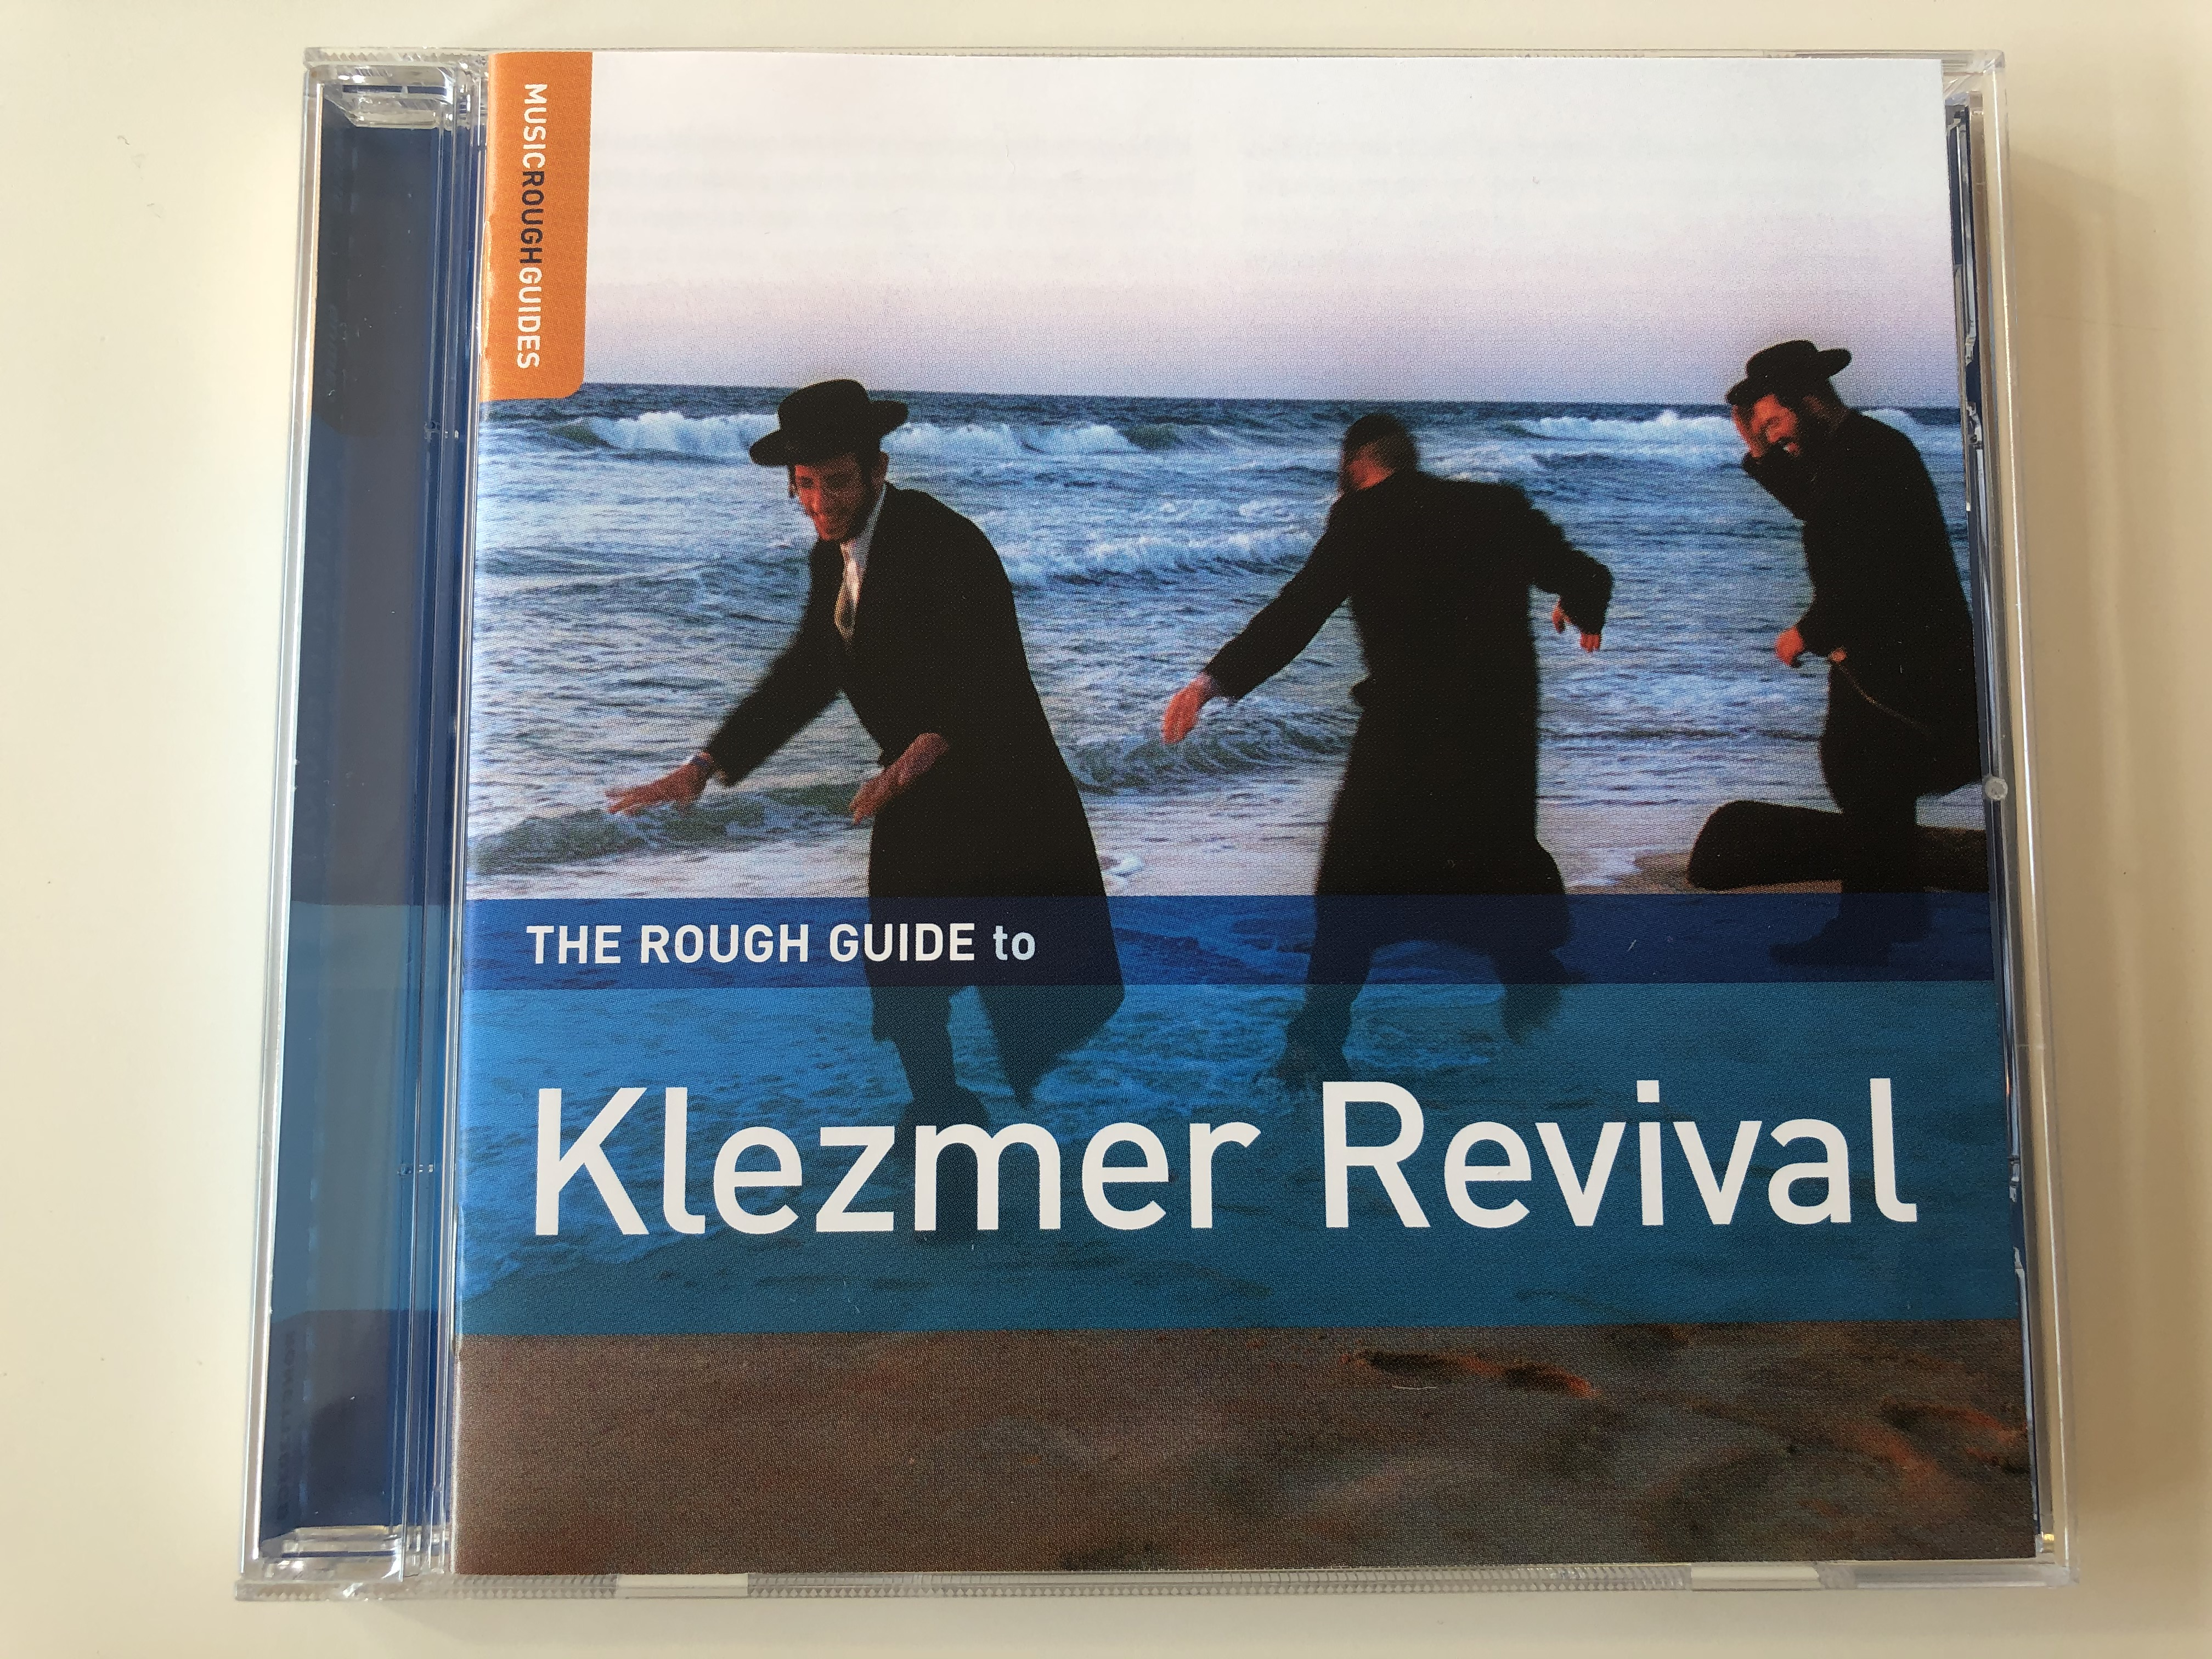 the-rough-guide-to-klezmer-revival-world-music-network-audio-cd-2008-rgnet1203cd-1-.jpg